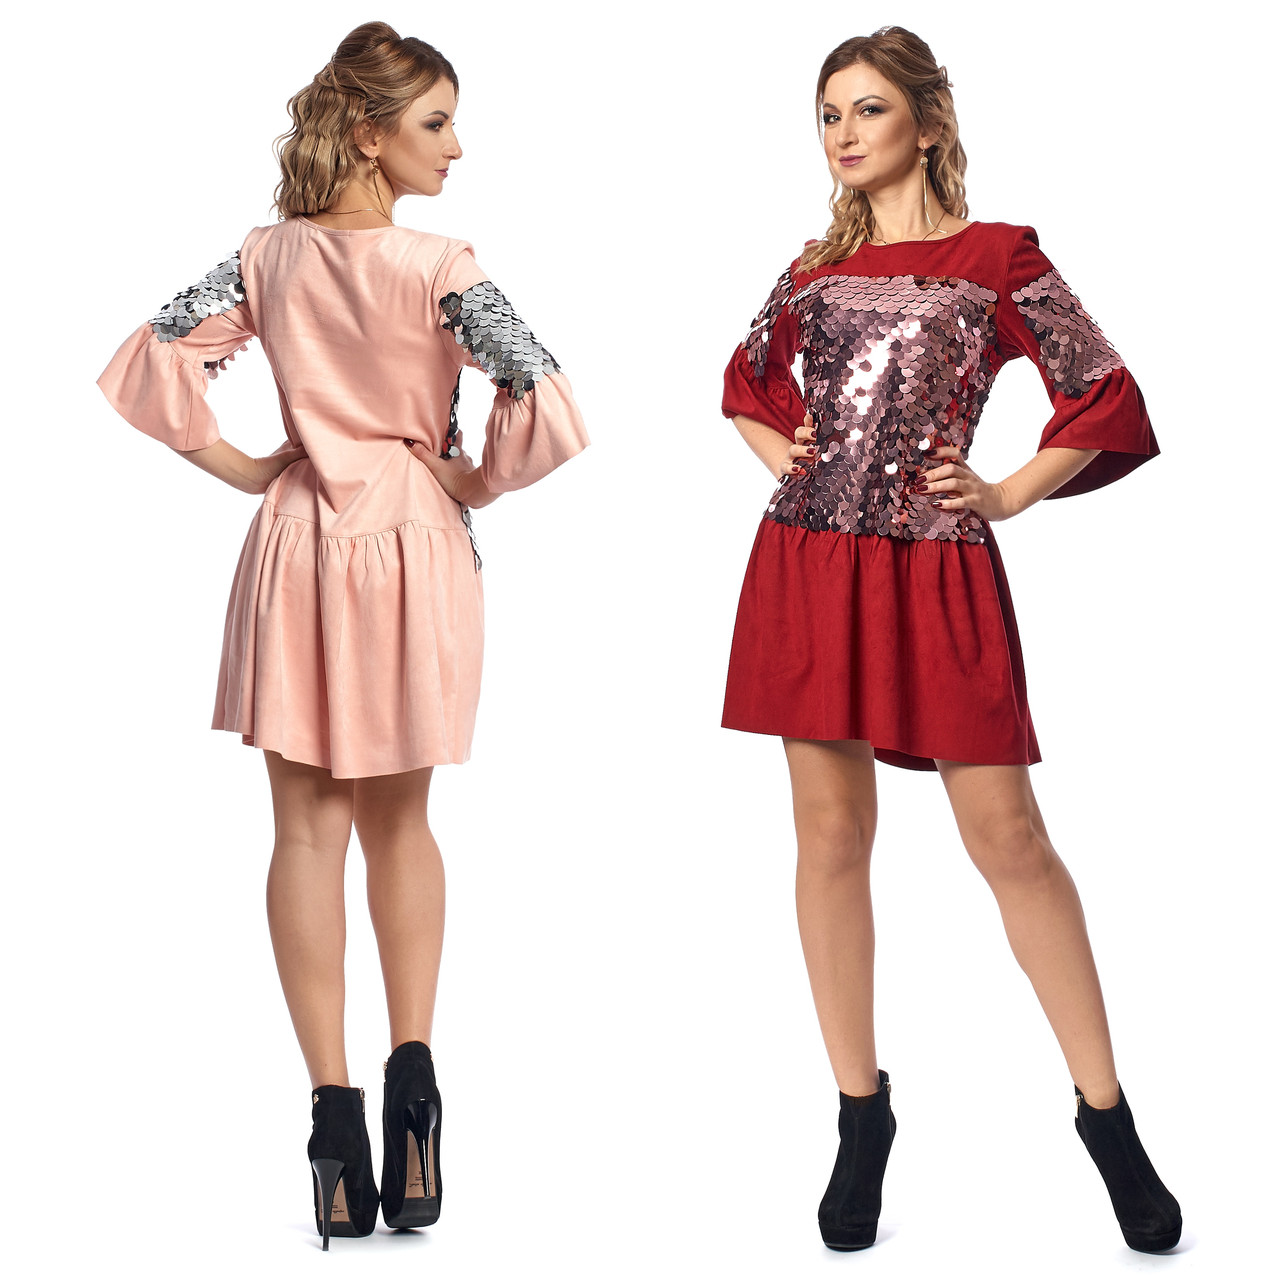 8e1095b9f51 Купить Нарядное платье с заниженной талией из замши с пайетками по ...